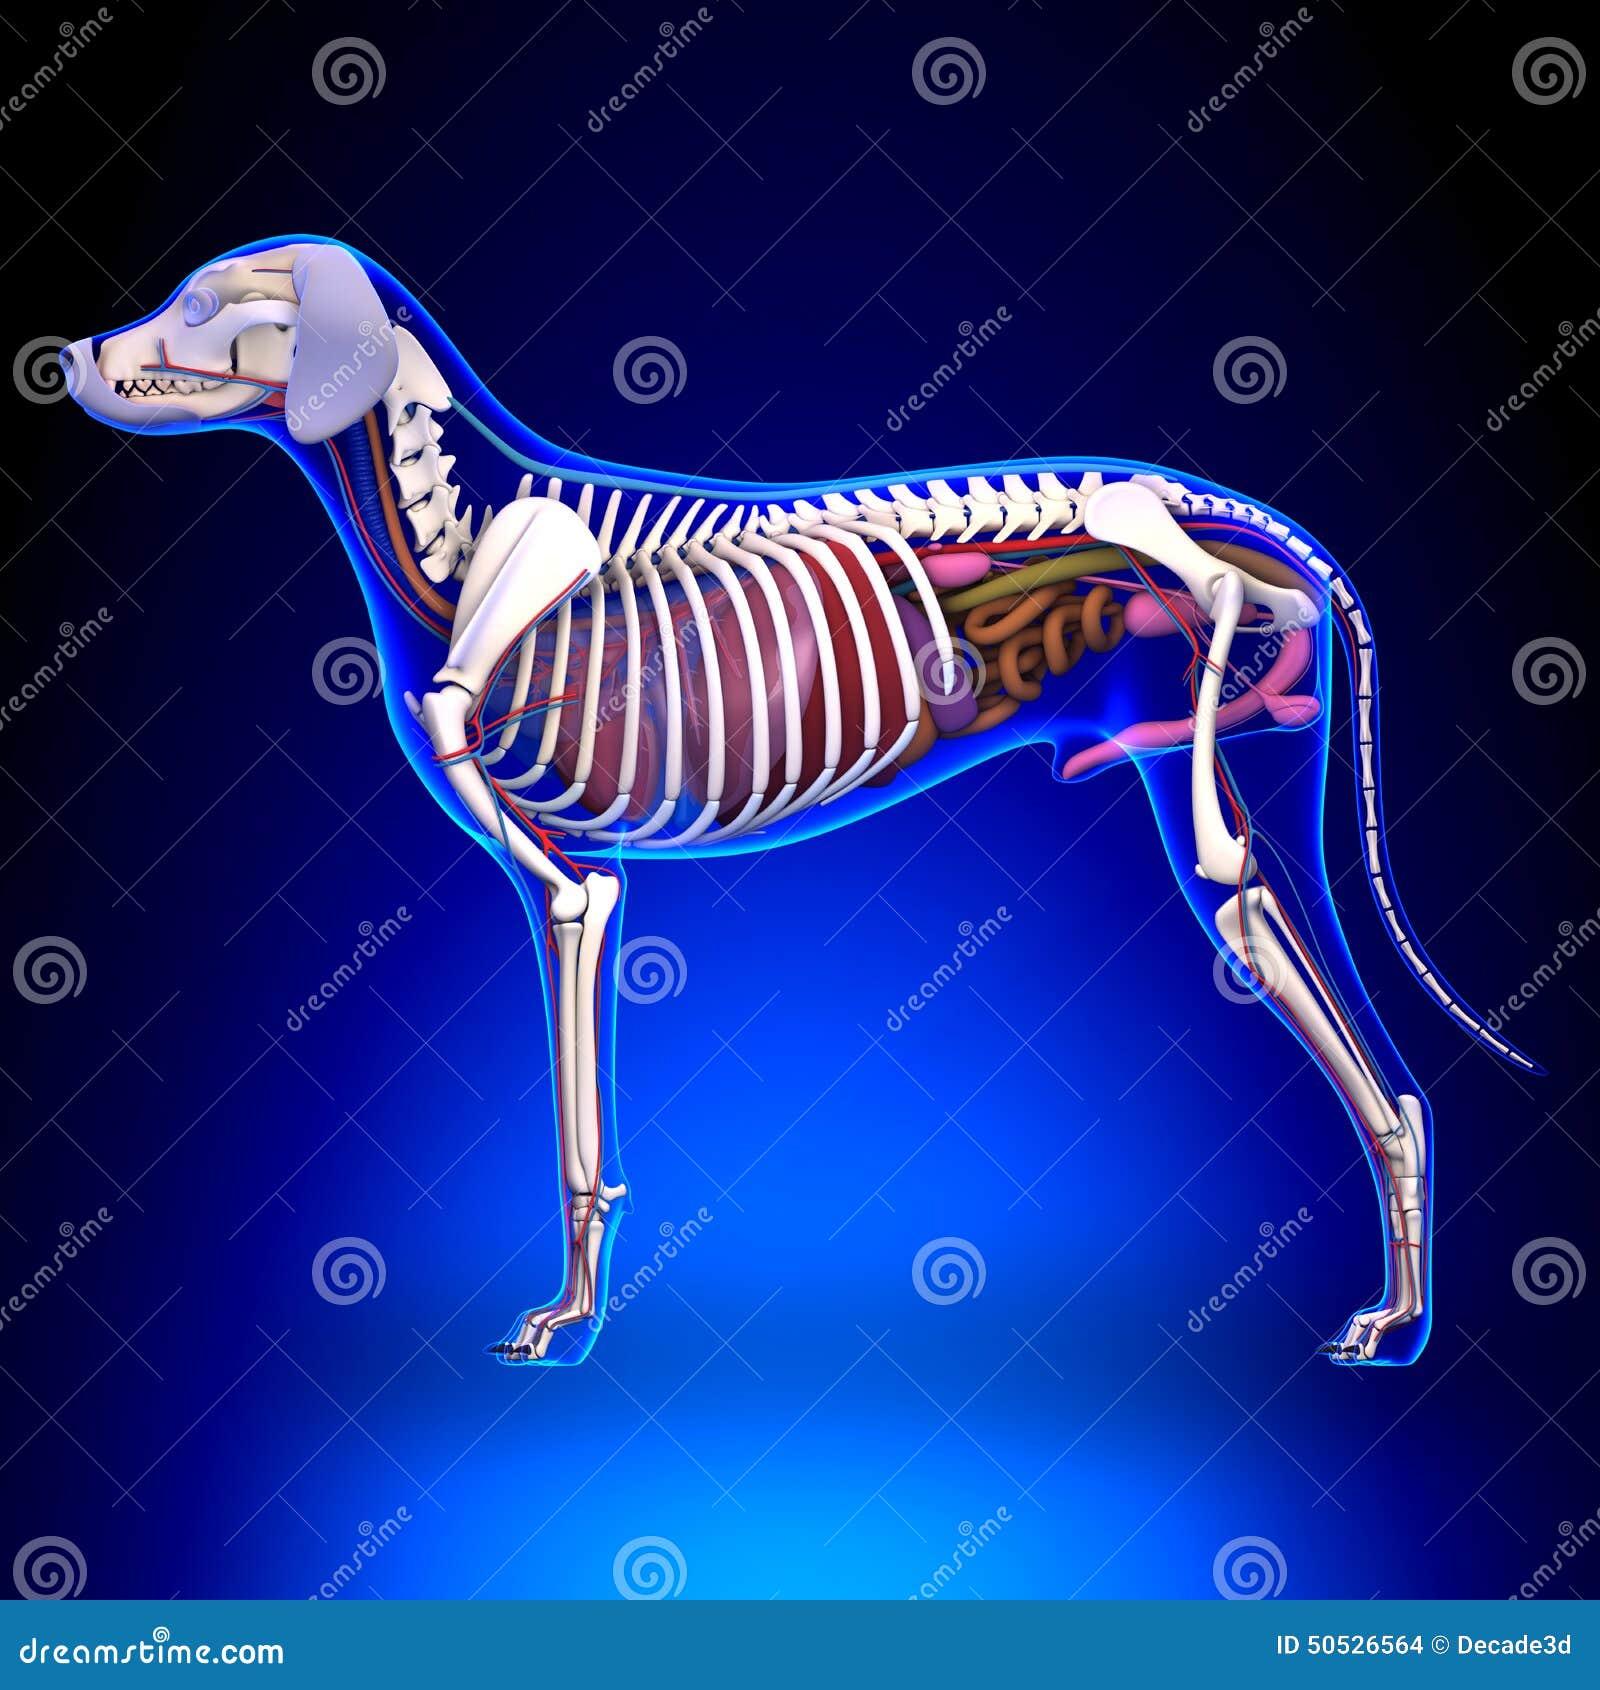 Dog Internal Organs Anatomy - Anatomy Of A Male Dog Internal Org ...